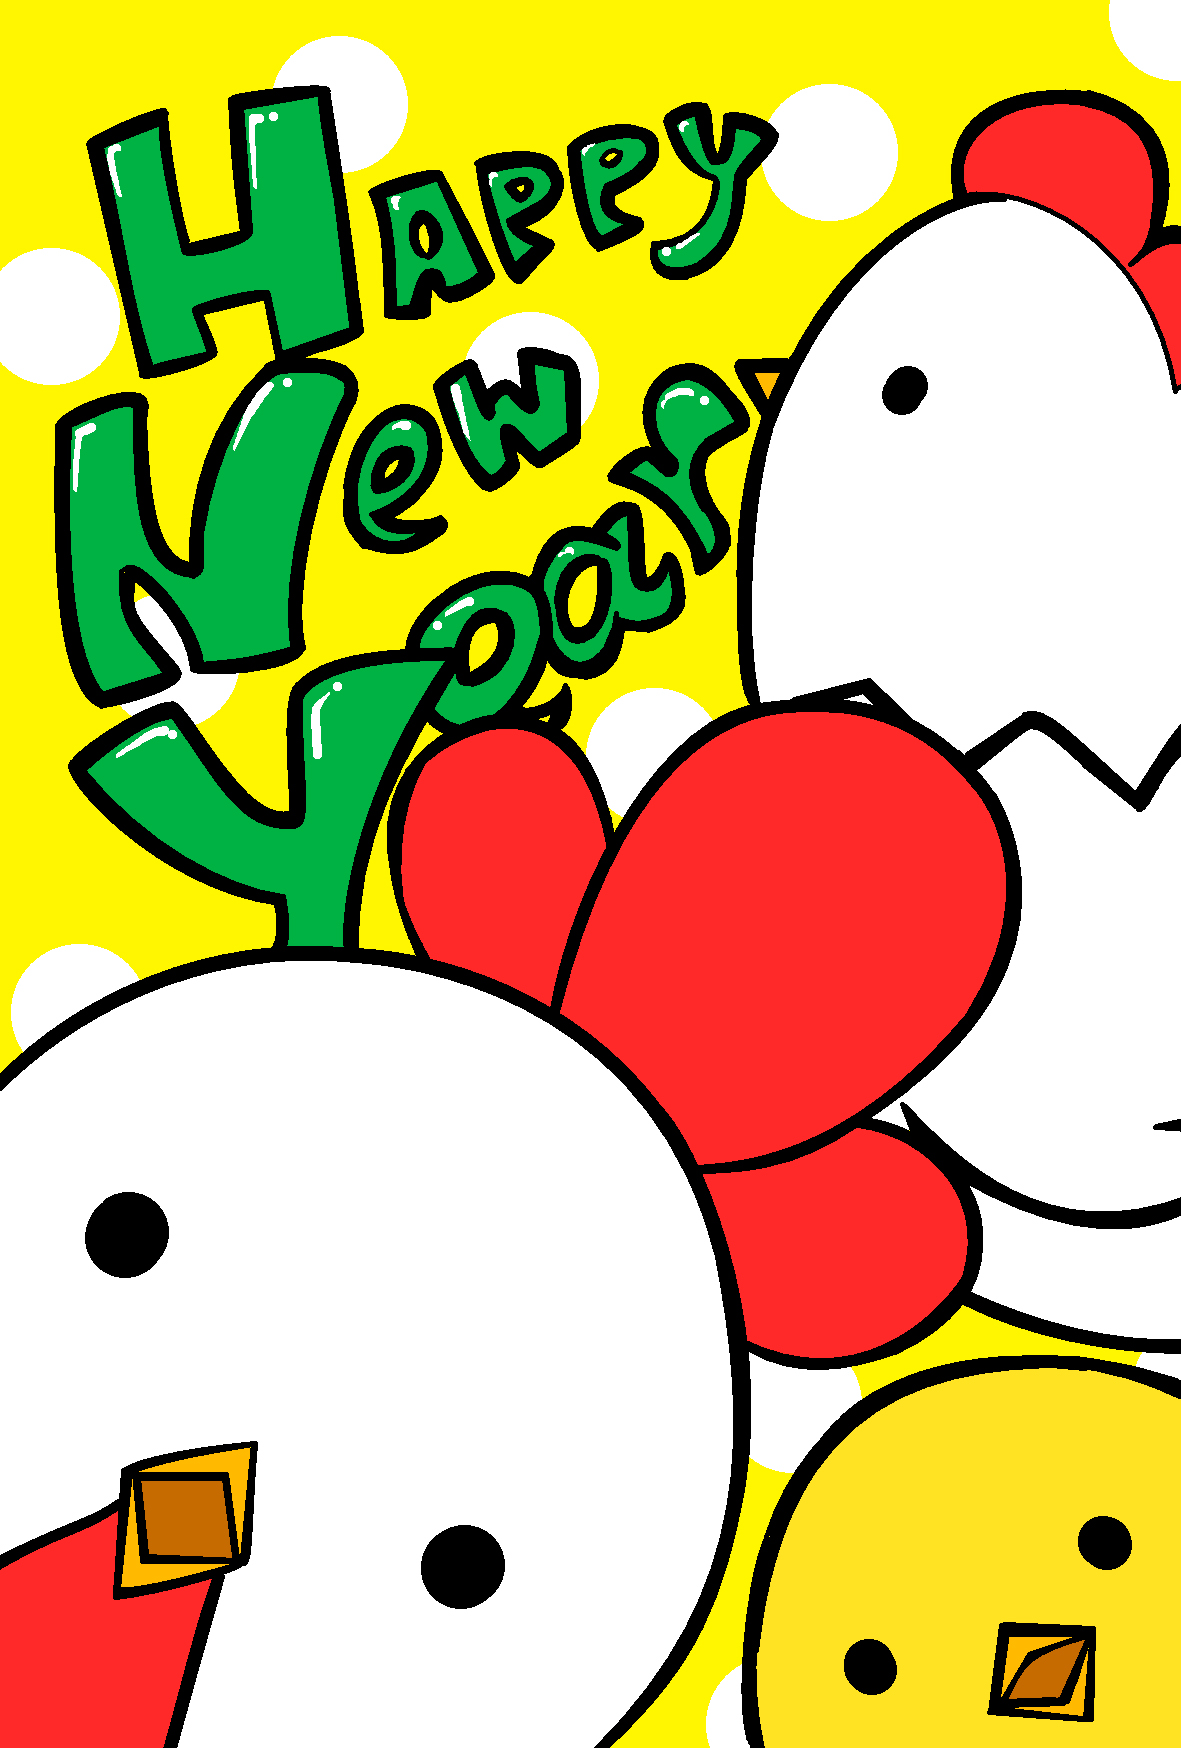 ビビットな色合いのかわいい酉年年賀状【無料】